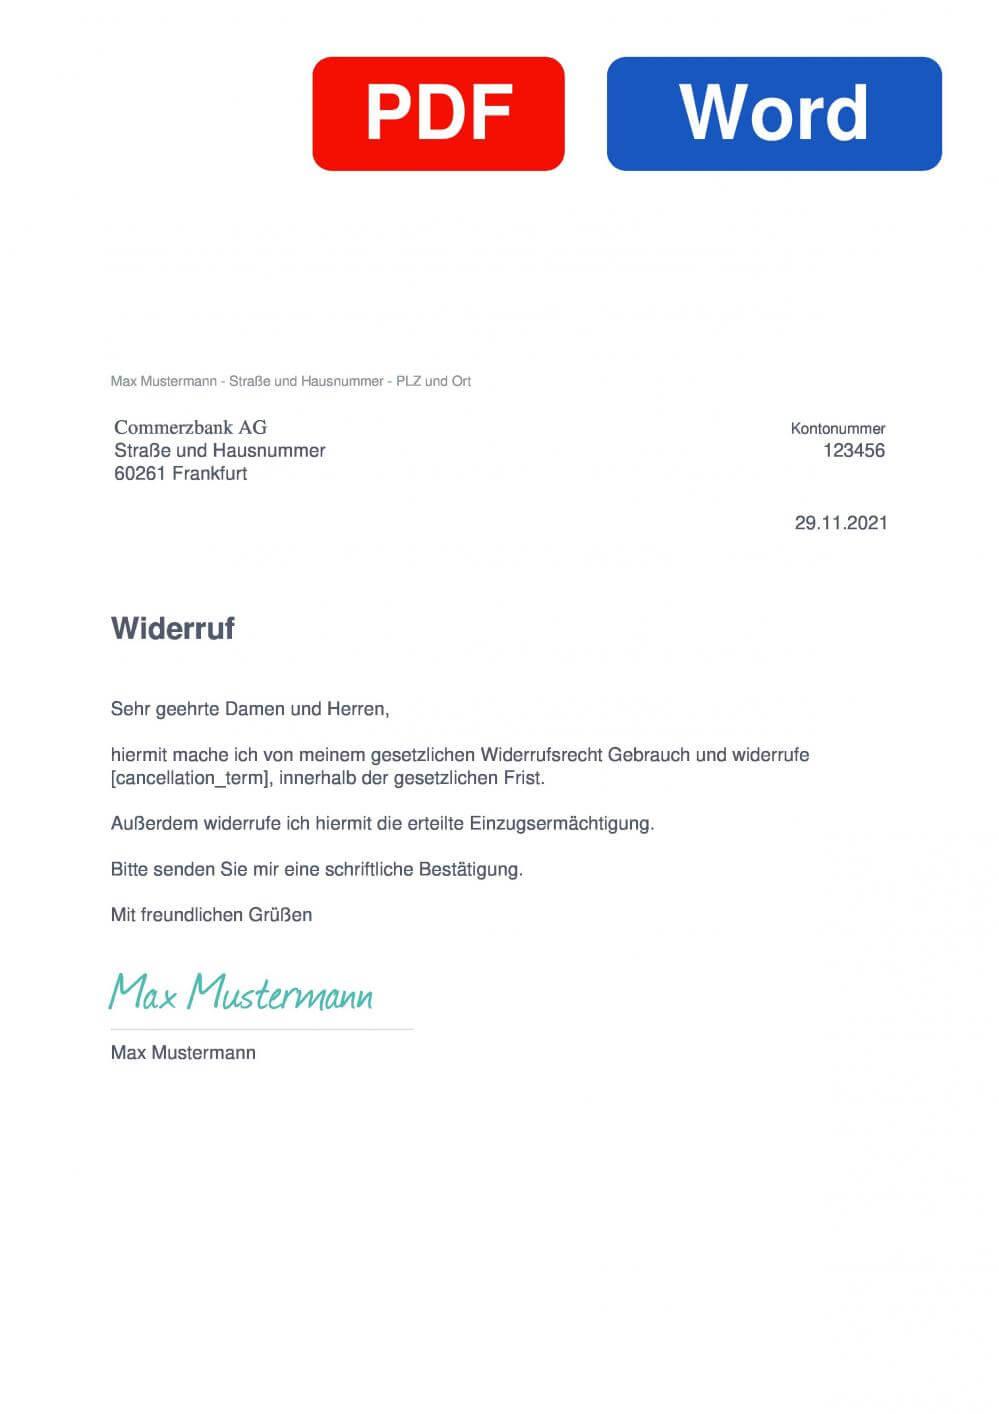 Commerzbank Muster Vorlage für Wiederrufsschreiben